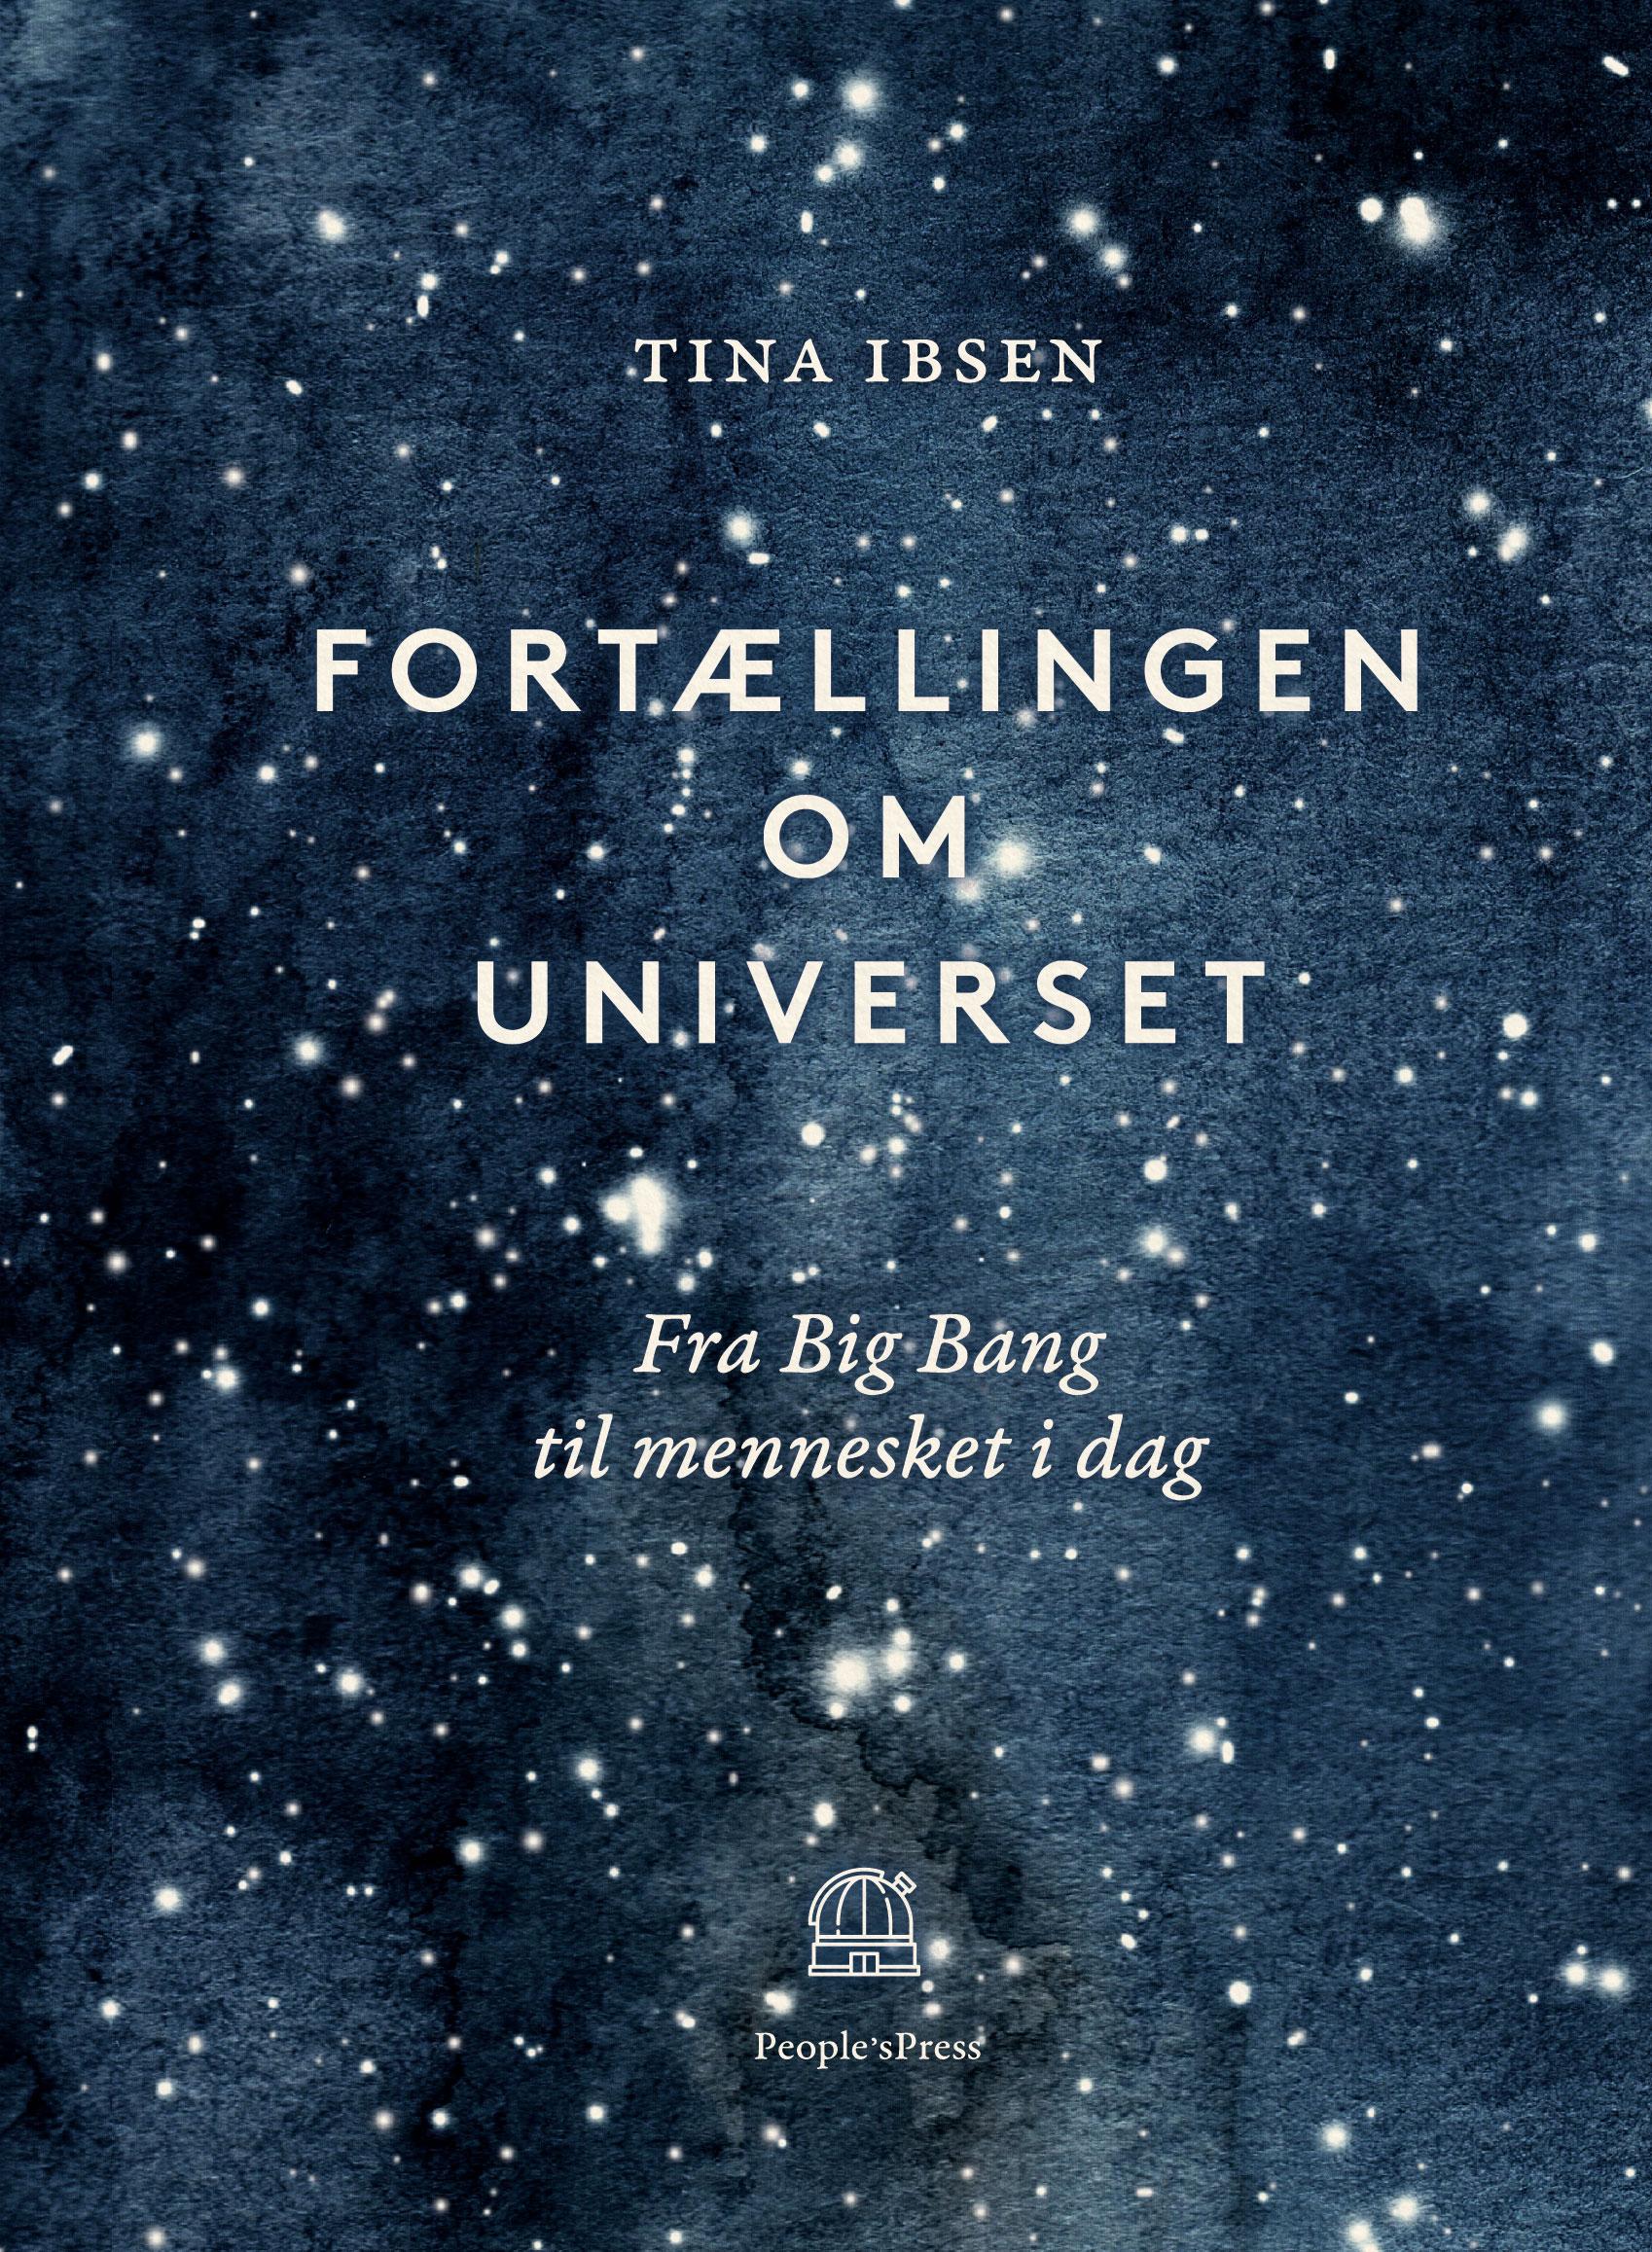 Fortællingen_om_Universet.jpg